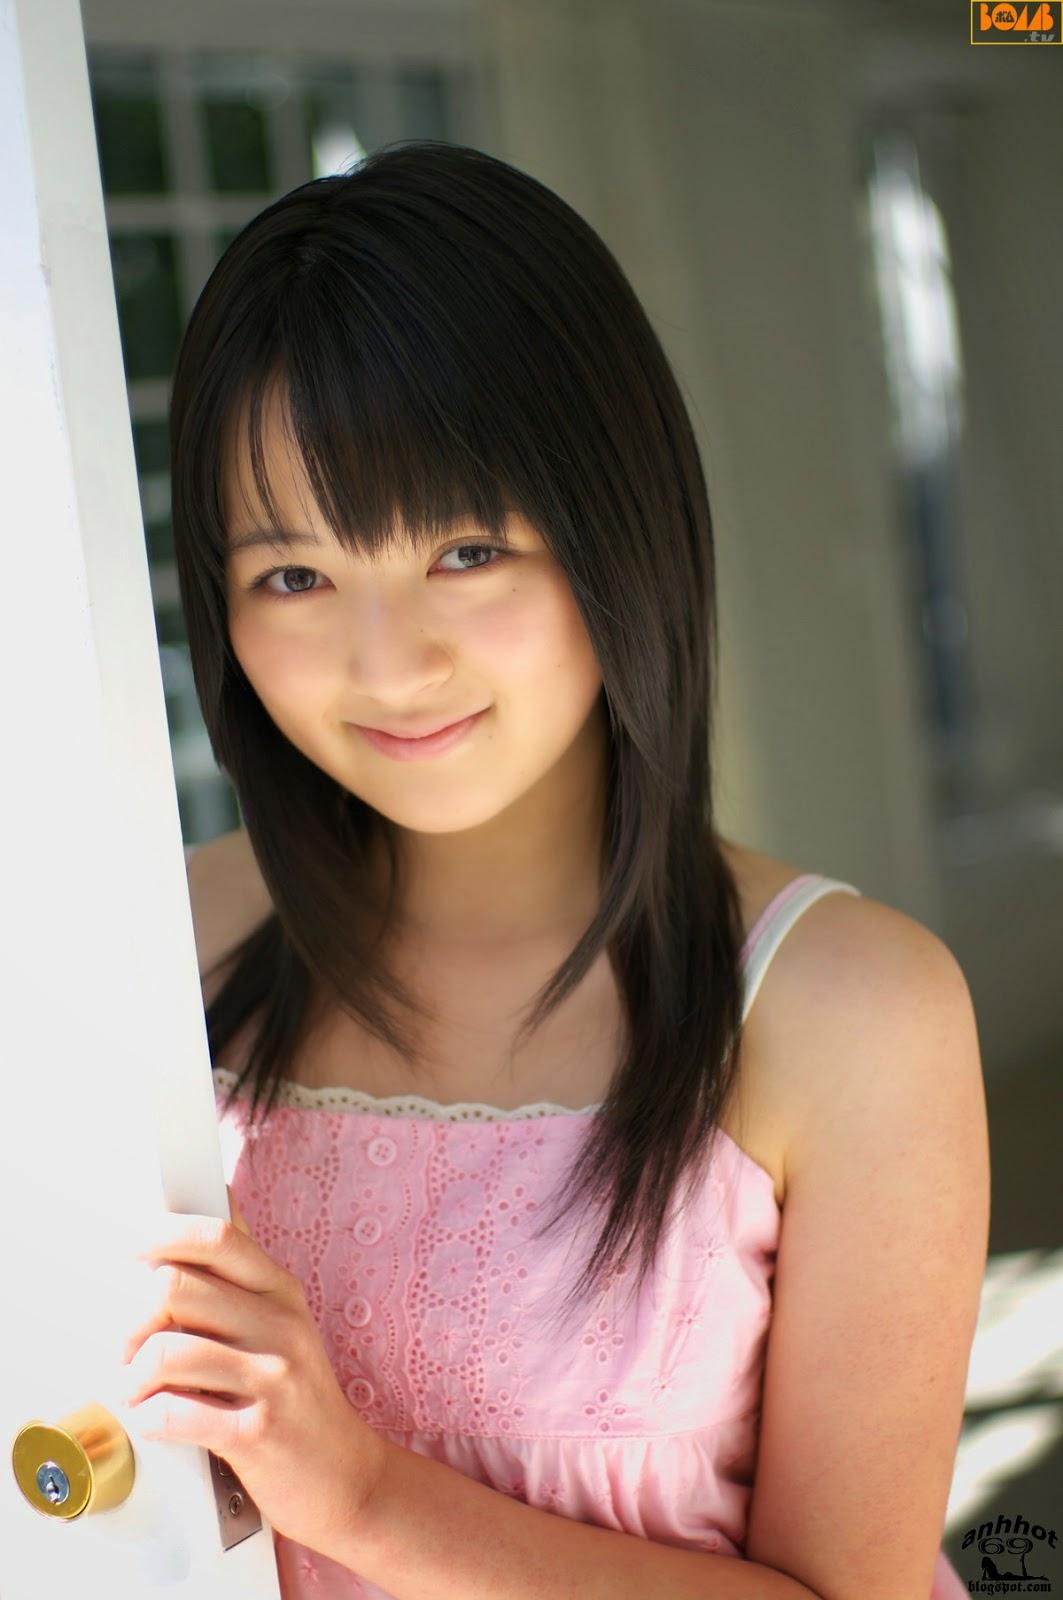 saki-takayama-00855647